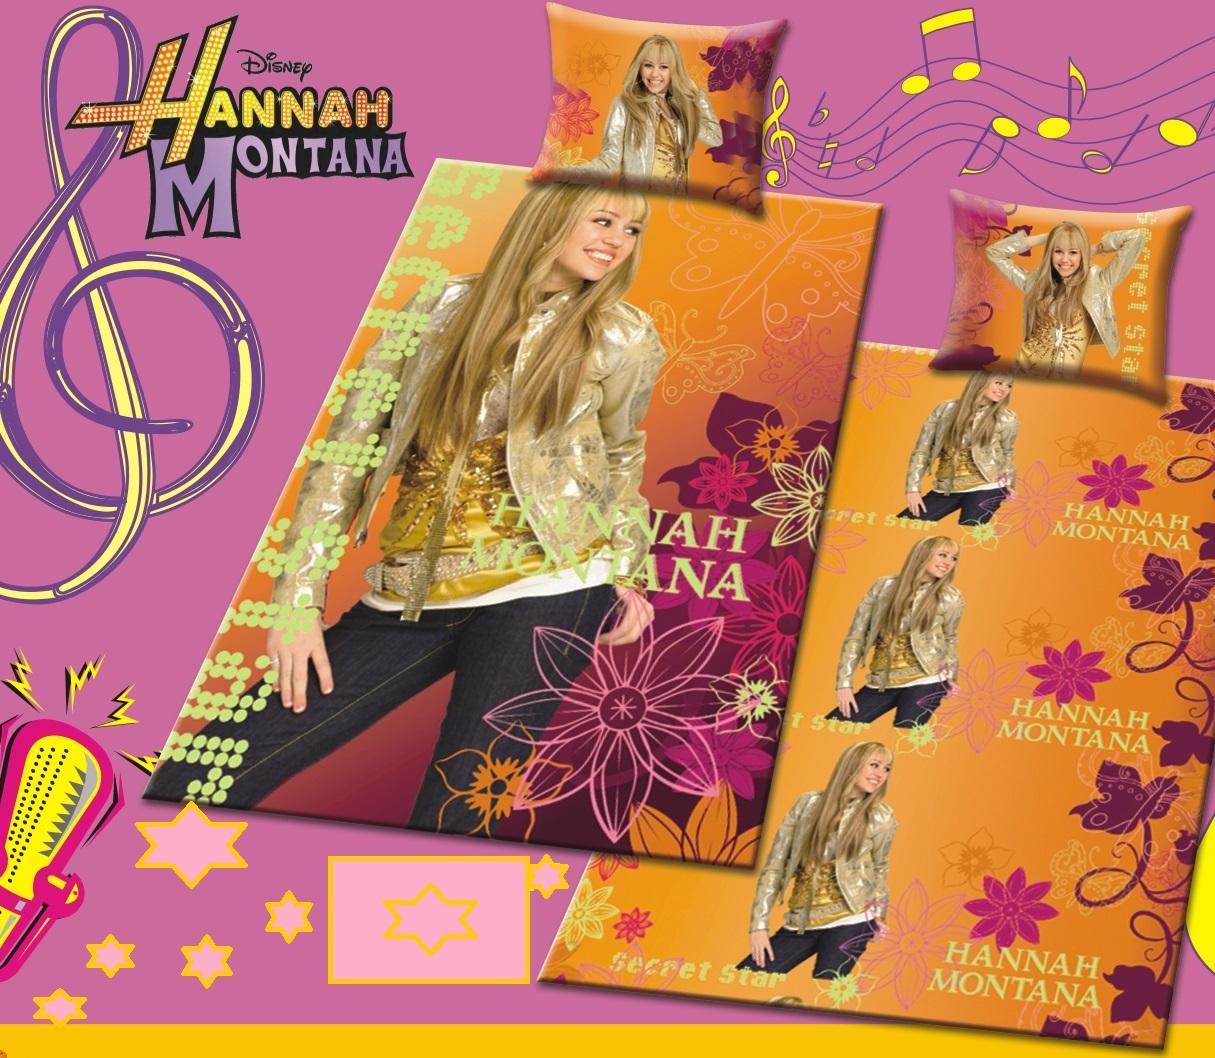 Κουβέρτα Πικέ Παιδική Με Μαξιλαροθήκη Hannah Montana - OEM - 9-Κ.18_πικέ λευκα ειδη παιδί κουβέρτες παιδικές